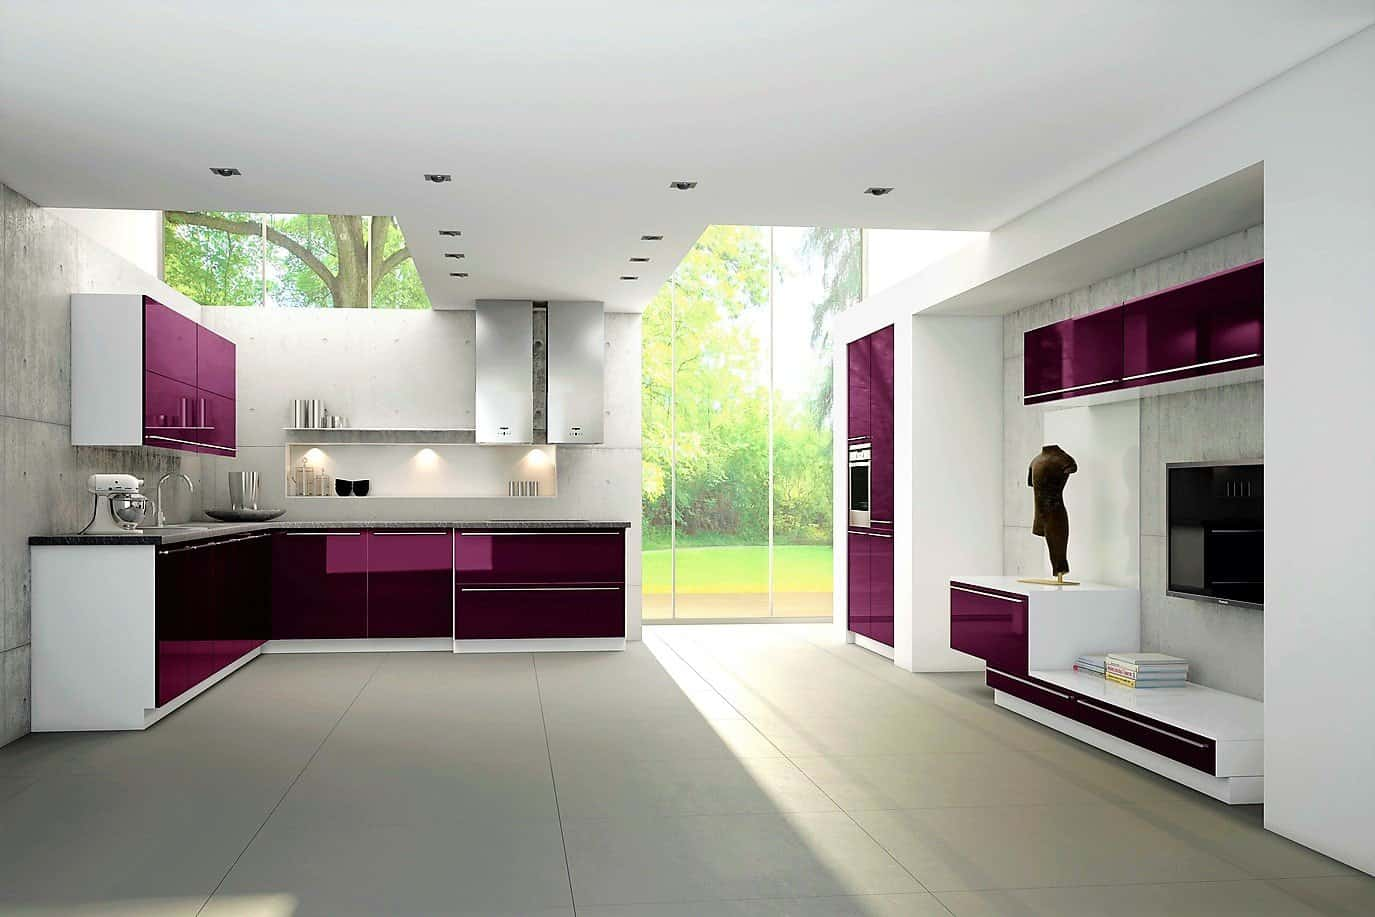 Küchen Aktuell Reklamation kchen aktuell awesome kchen aktuell u laminat in kche aktuell with